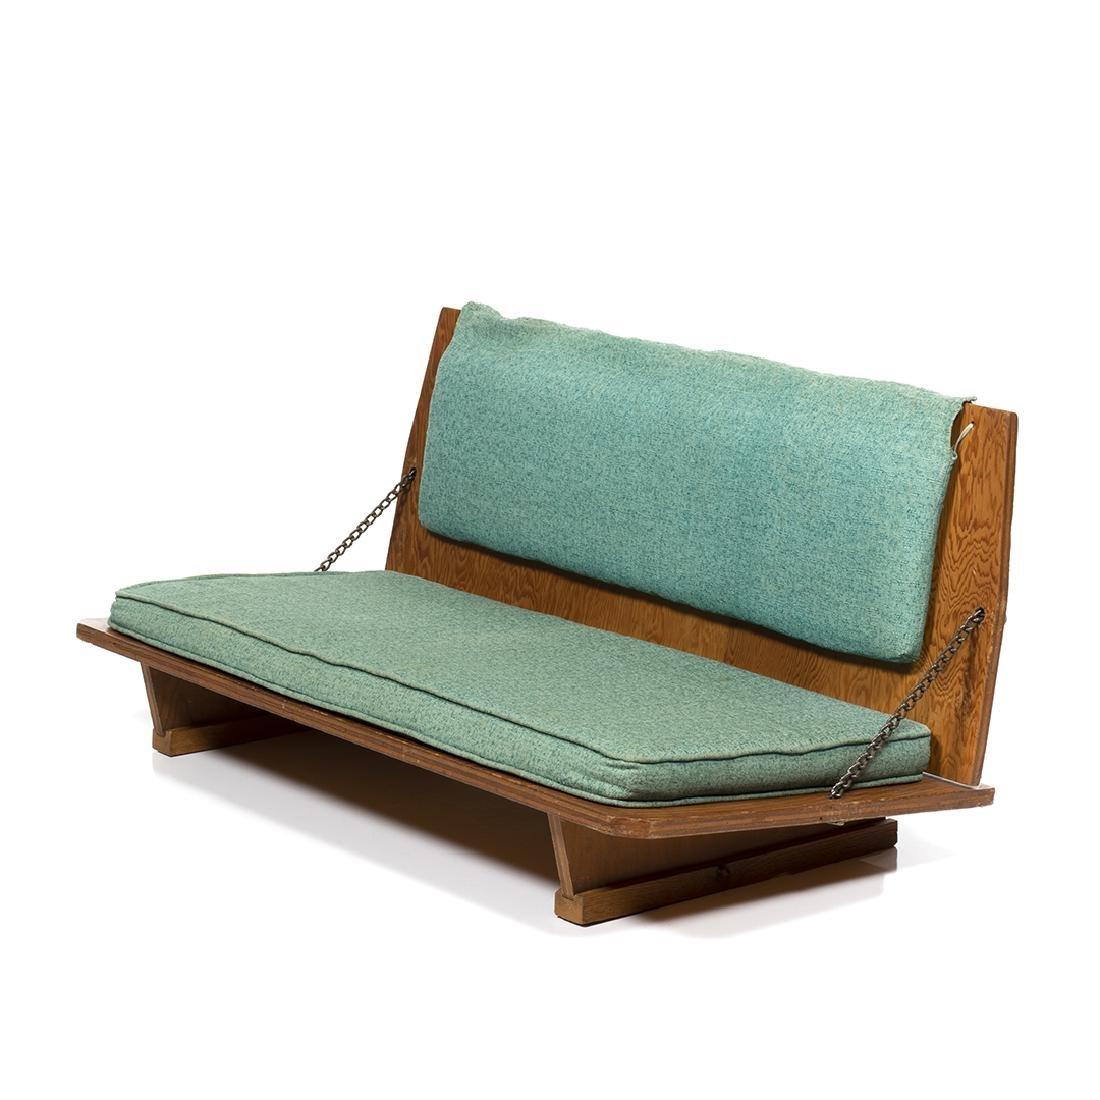 Frank Lloyd Wright Bench - 2